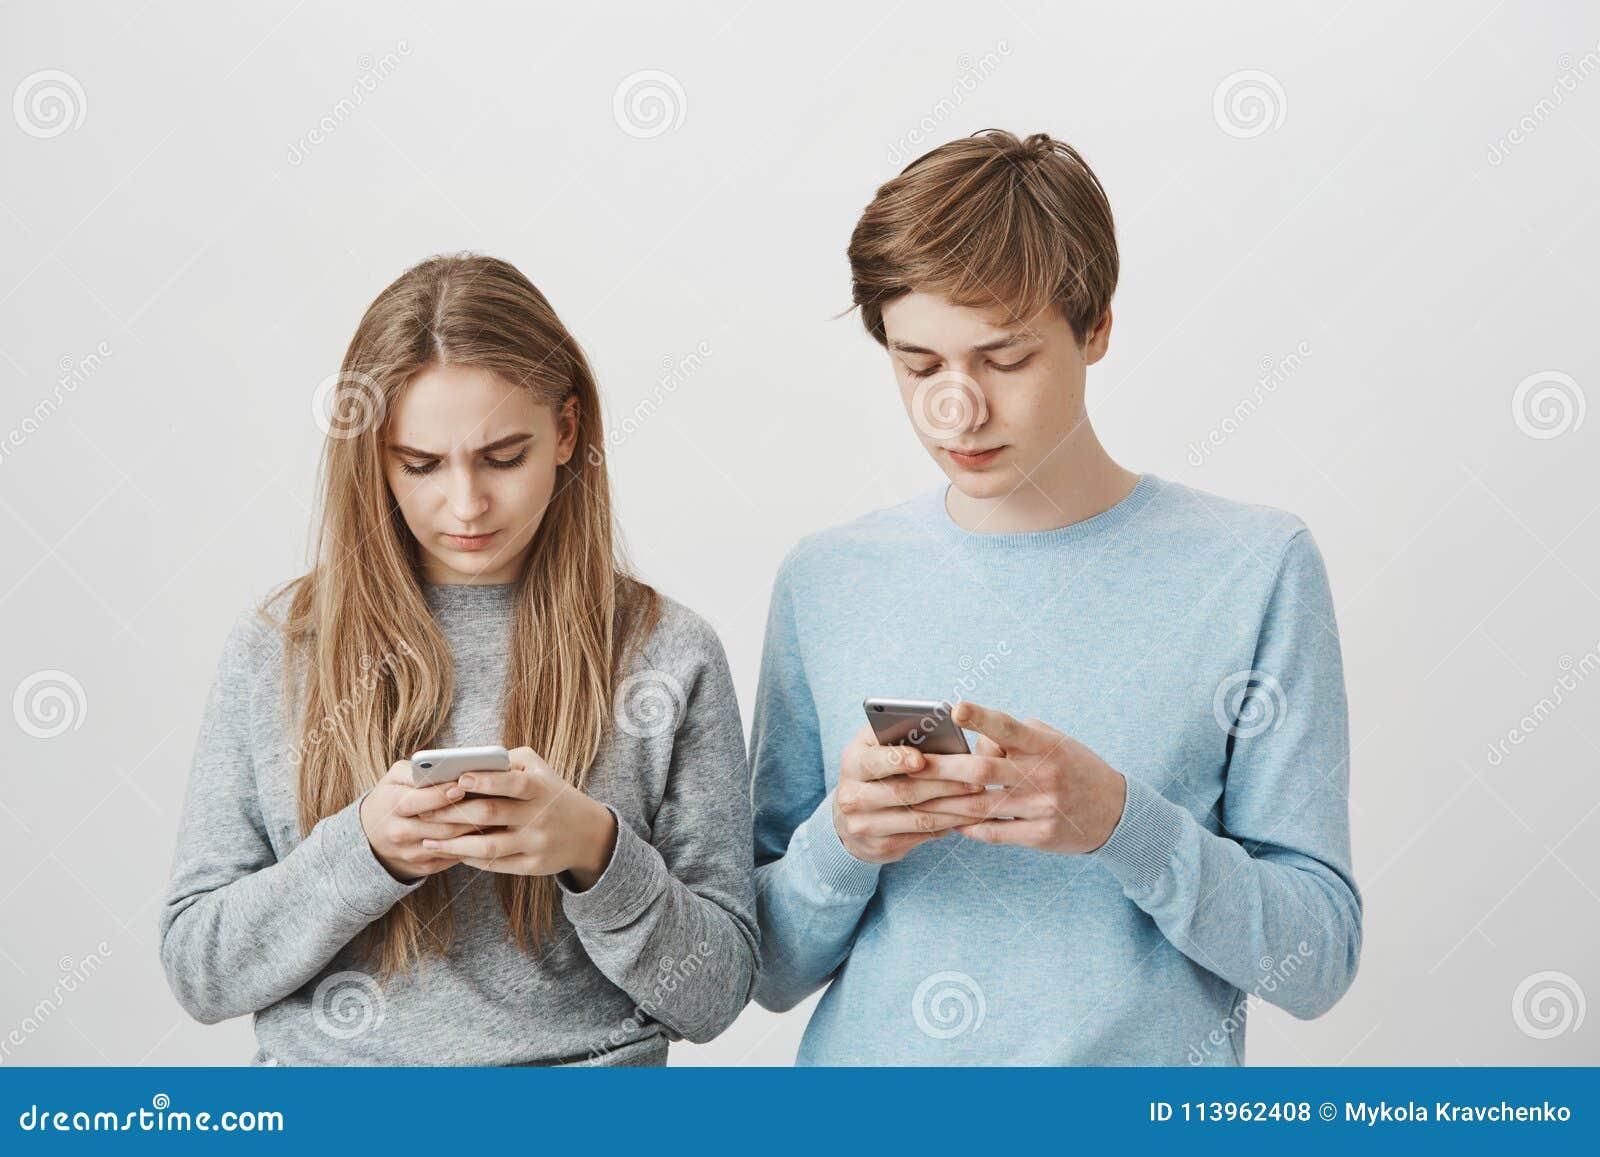 Syskon som spelar leken på smartphones som utmanar med de Studioskott av den fokuserade snygga kvinnan och mannen